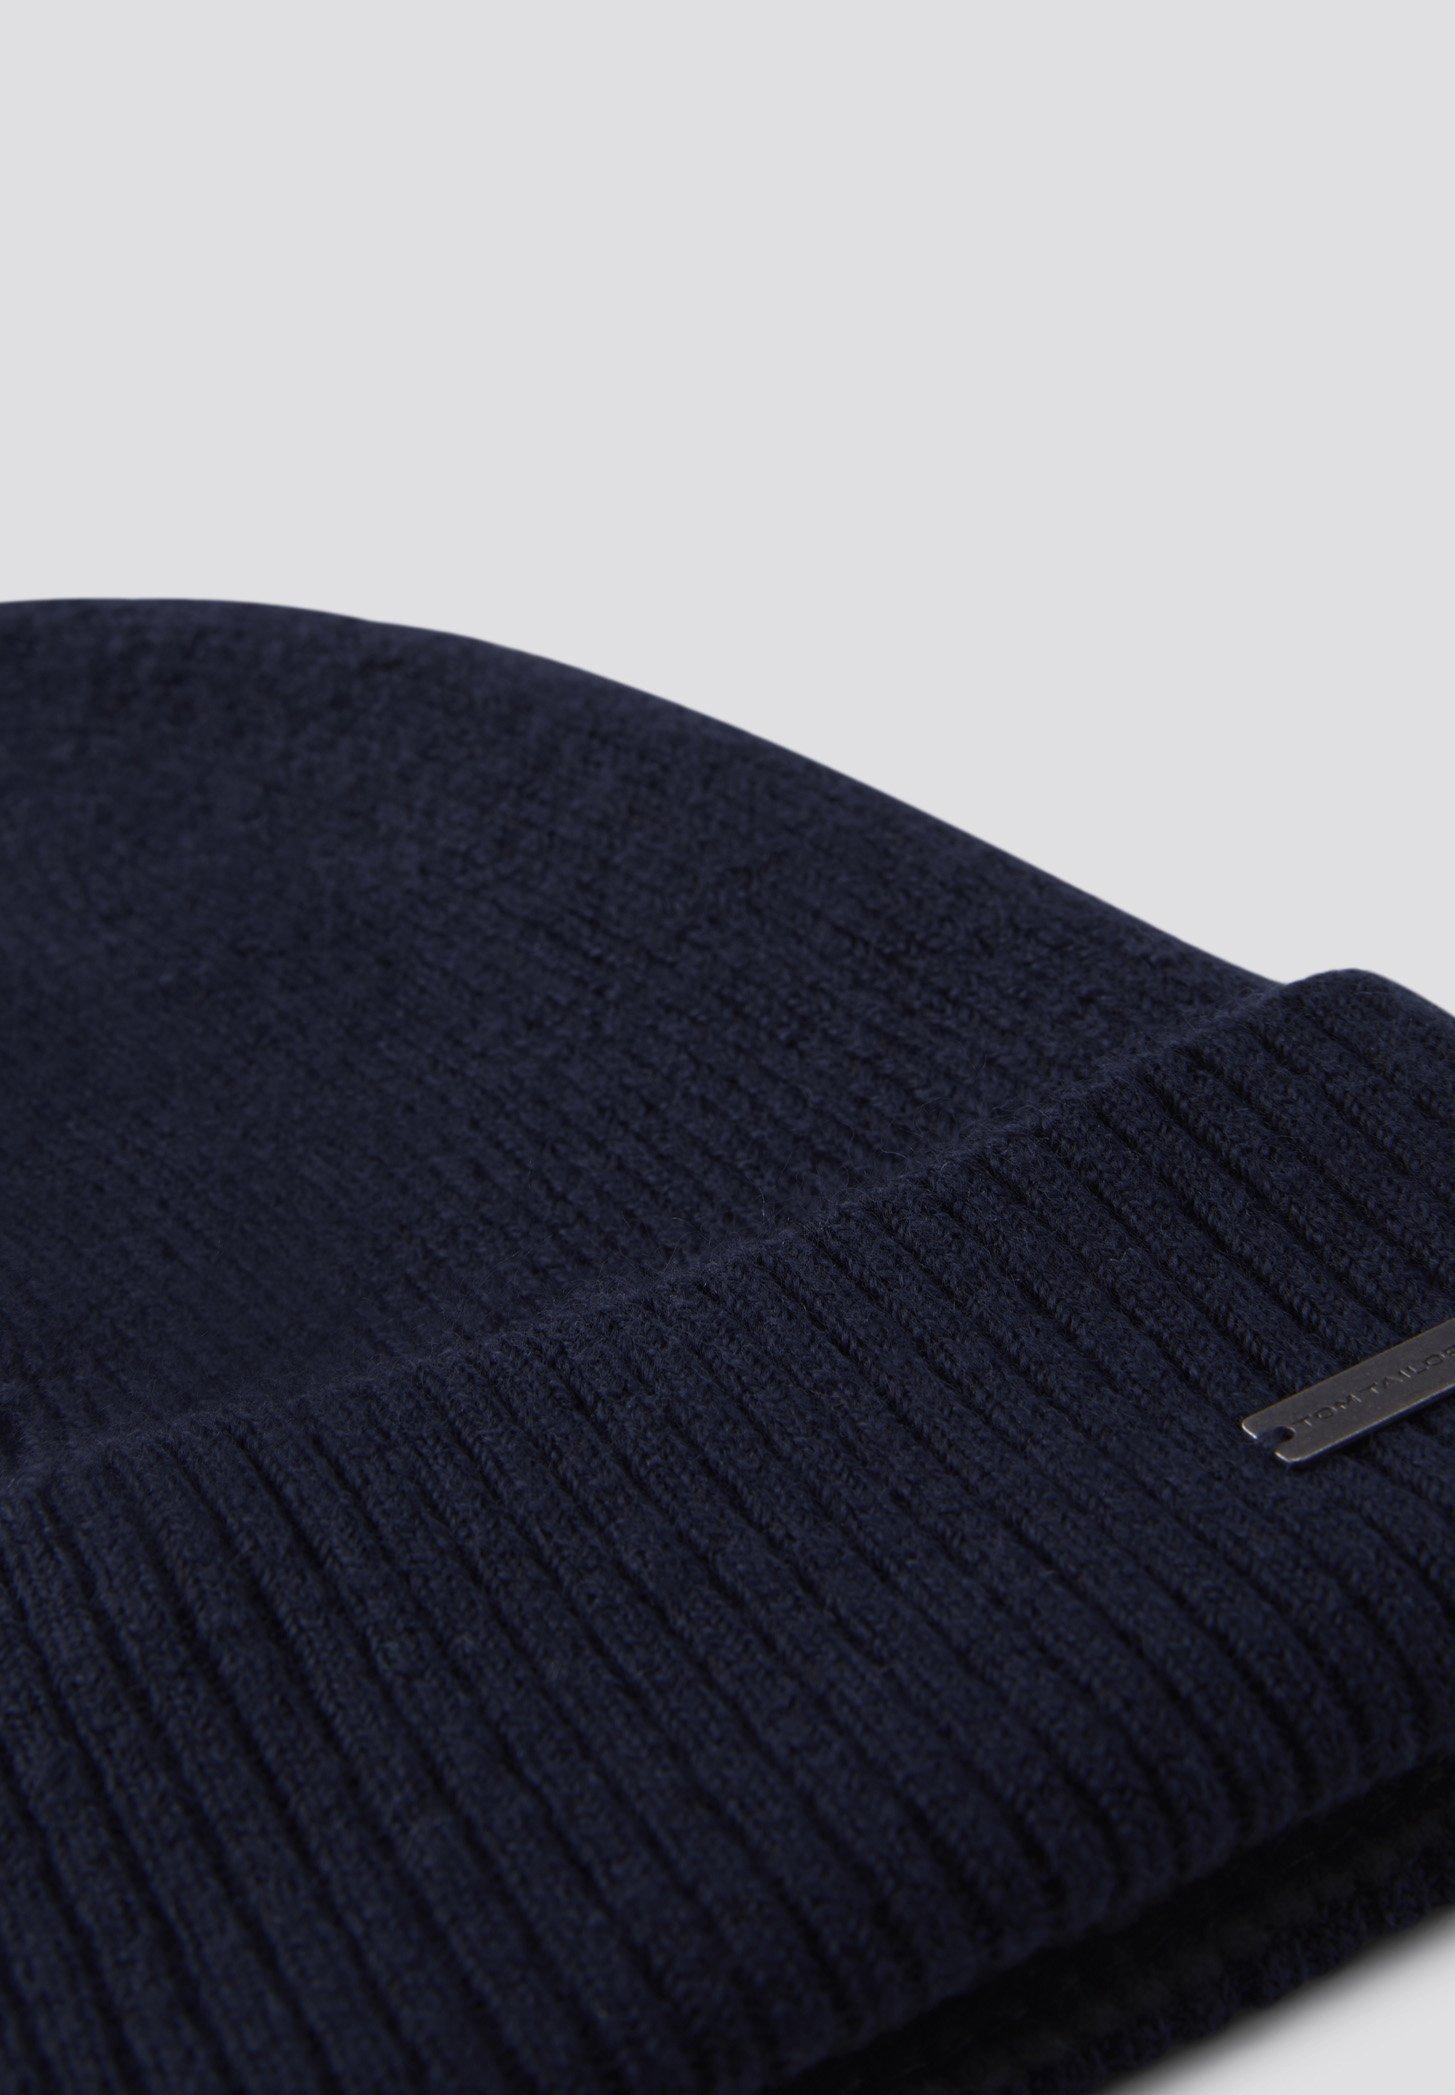 Tom Tailor Accessoire Weiche - Mütze Sky Captain Blue Non-solid/dunkelblau